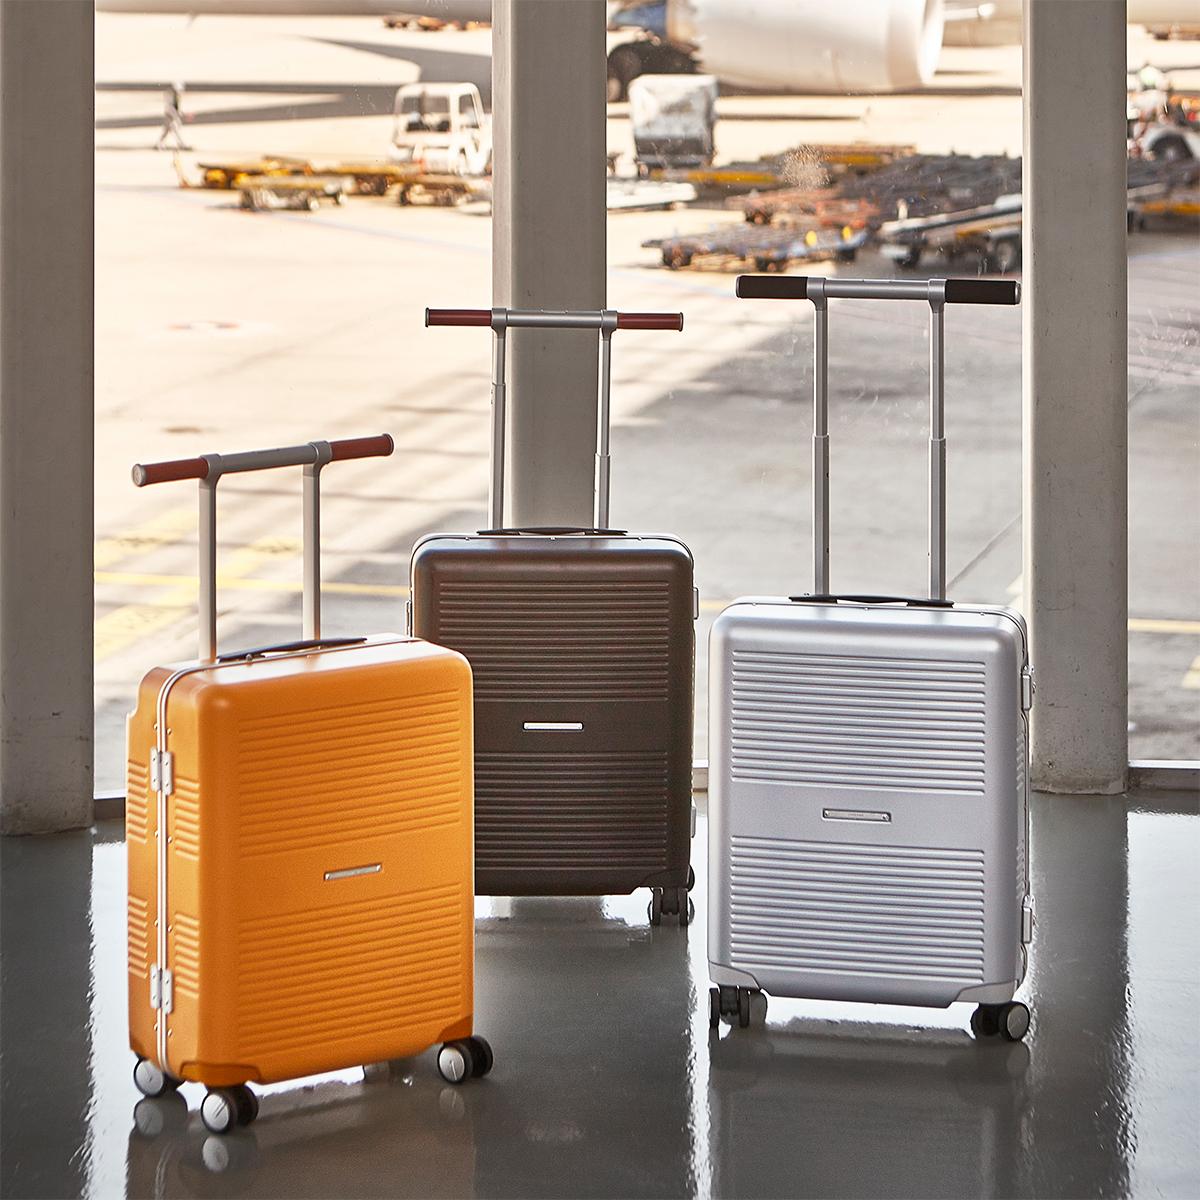 「本質を考え続ける」というデザイン哲学。手を添えるだけで滑らかに走行、気の利く設計であなたの旅路に寄り添うスーツケース(63L・4〜5泊〜)|RAWROW